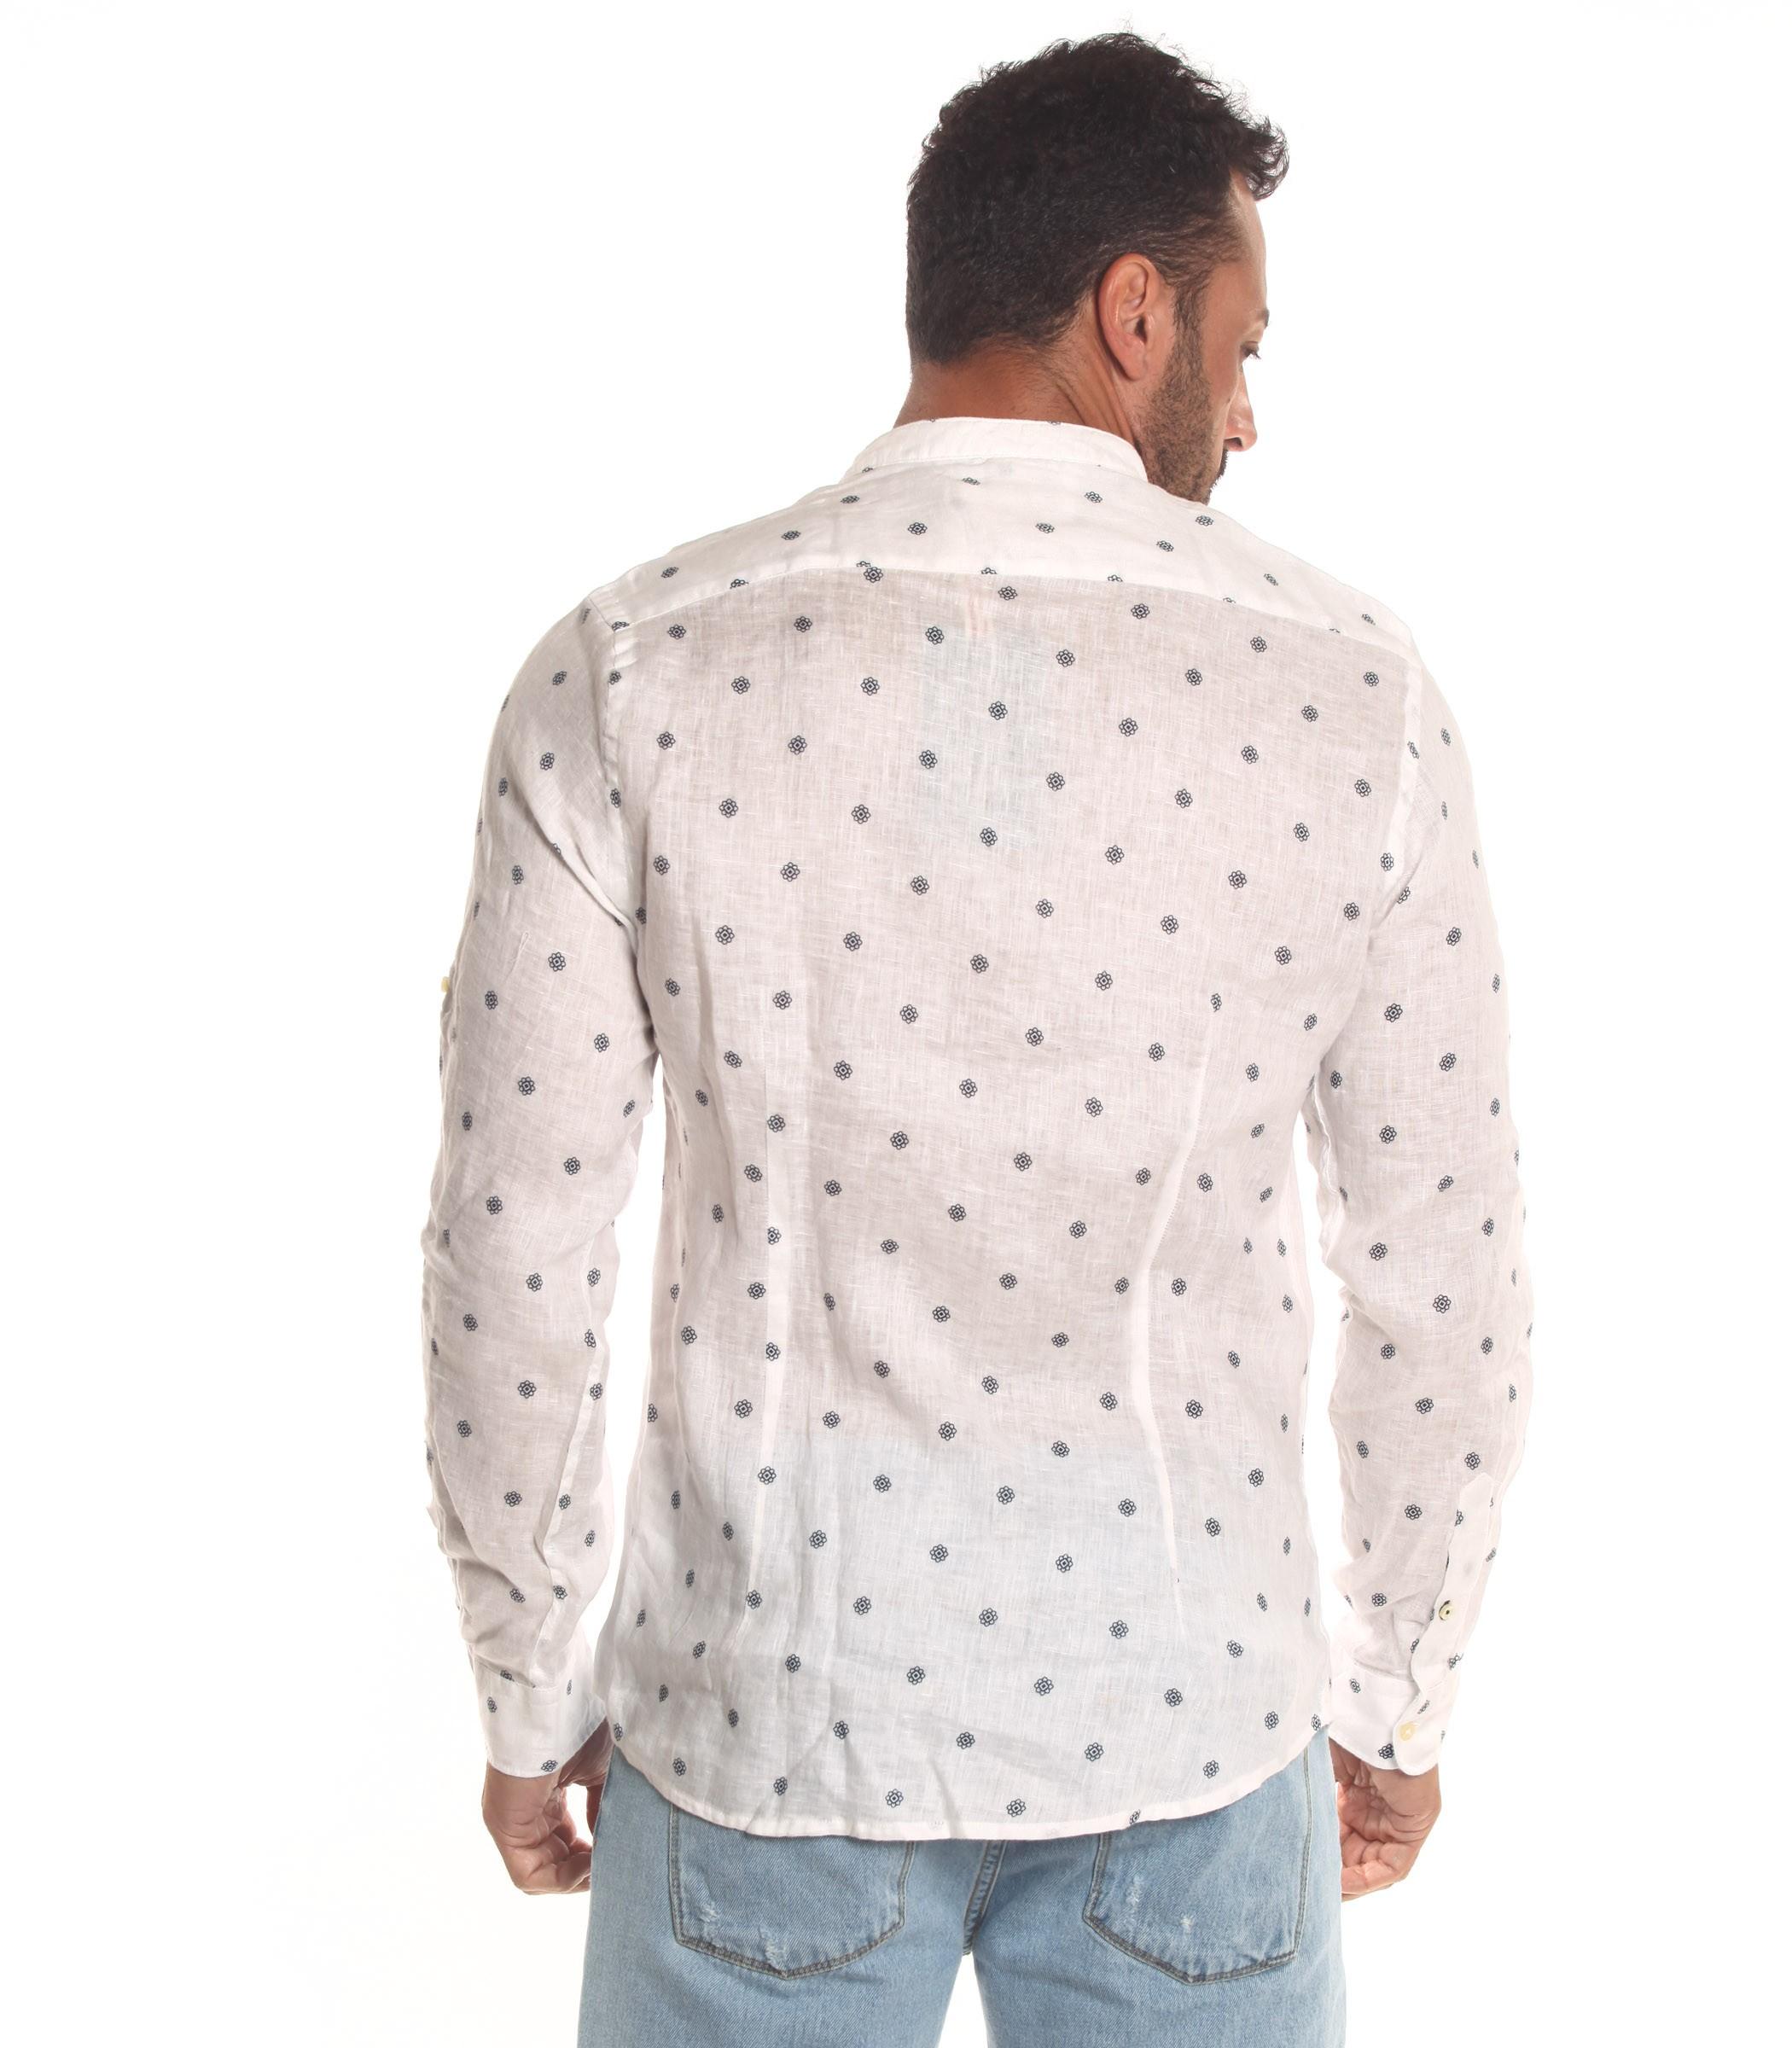 buy popular 6ca1c 6ca11 Camicia OUTFIT di lino collo coreana e fantasia da uomo ...